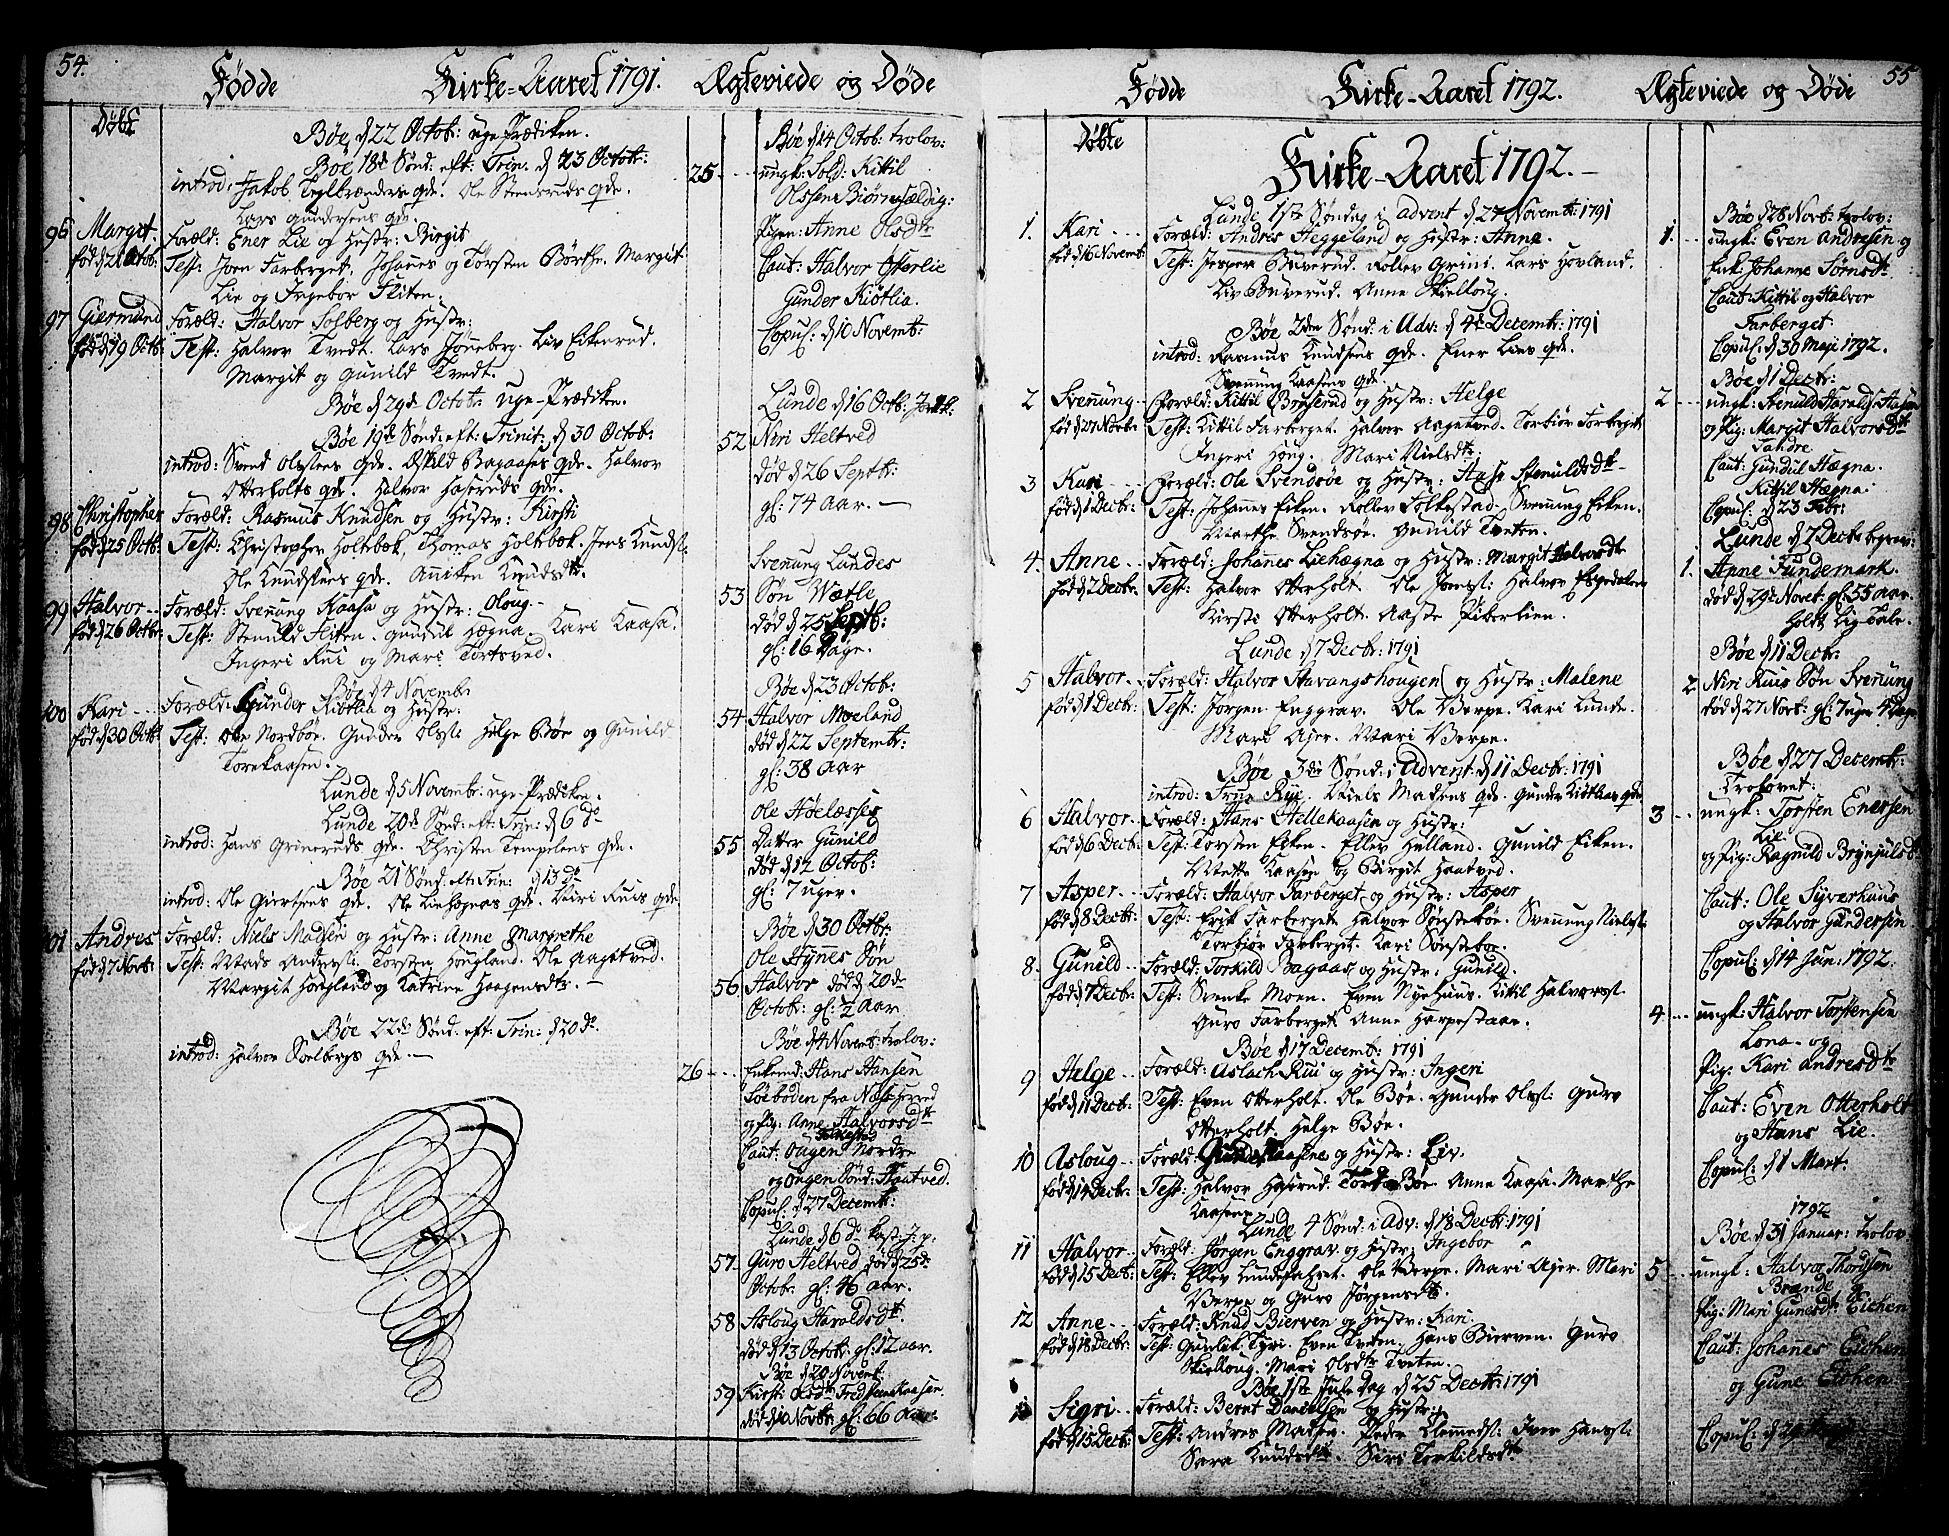 SAKO, Bø kirkebøker, F/Fa/L0005: Ministerialbok nr. 5, 1785-1815, s. 54-55